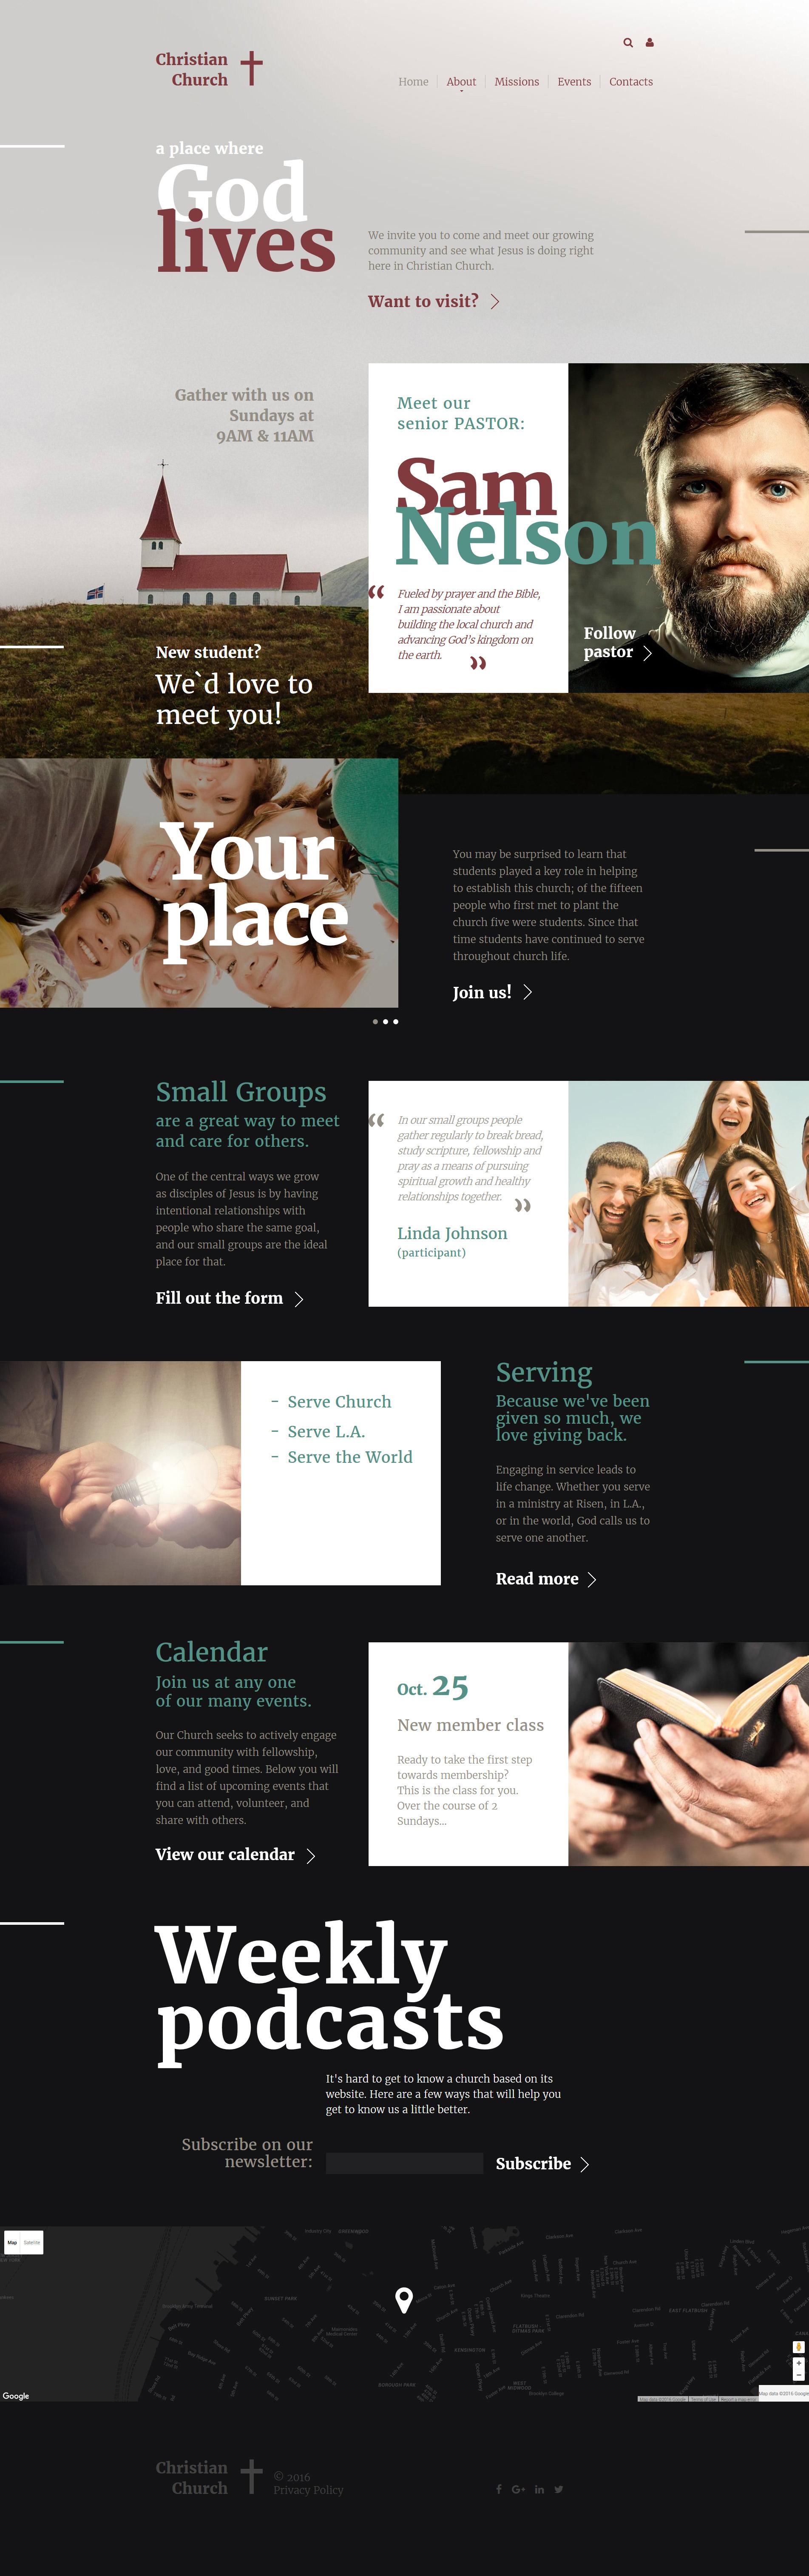 """""""Christian"""" - адаптивний Шаблон сайту №57720 - скріншот"""